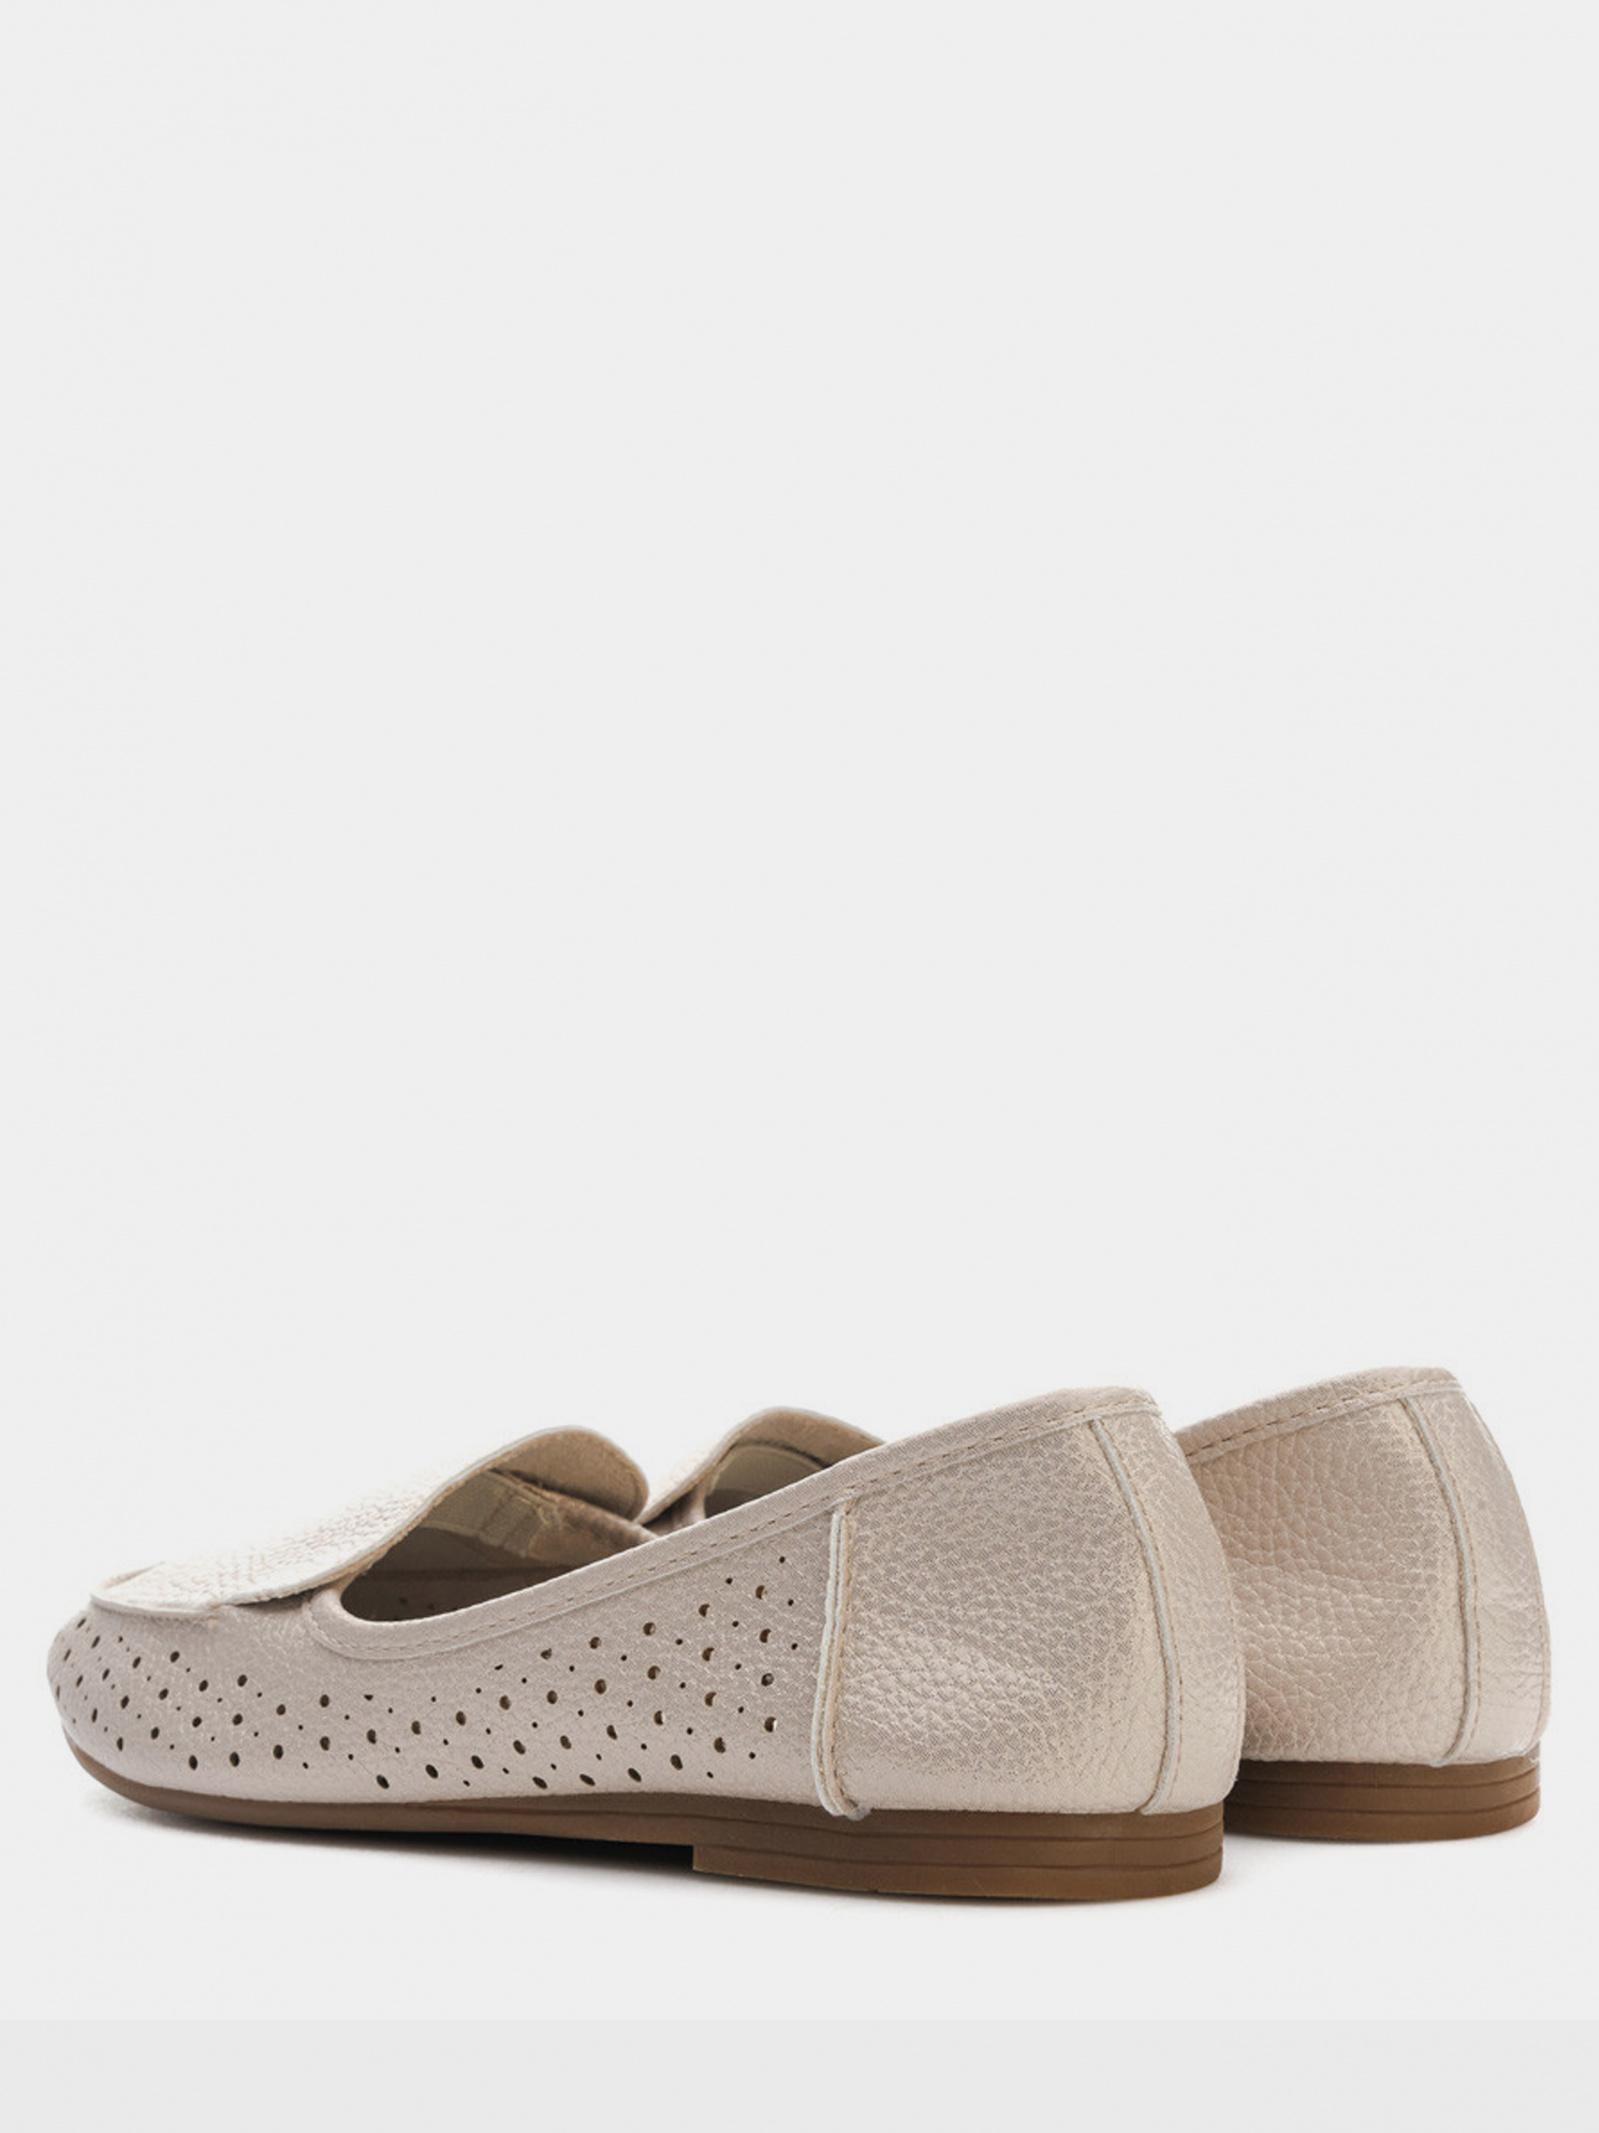 Мокасини  для жінок Betsy 997700/04-04 купити взуття, 2017